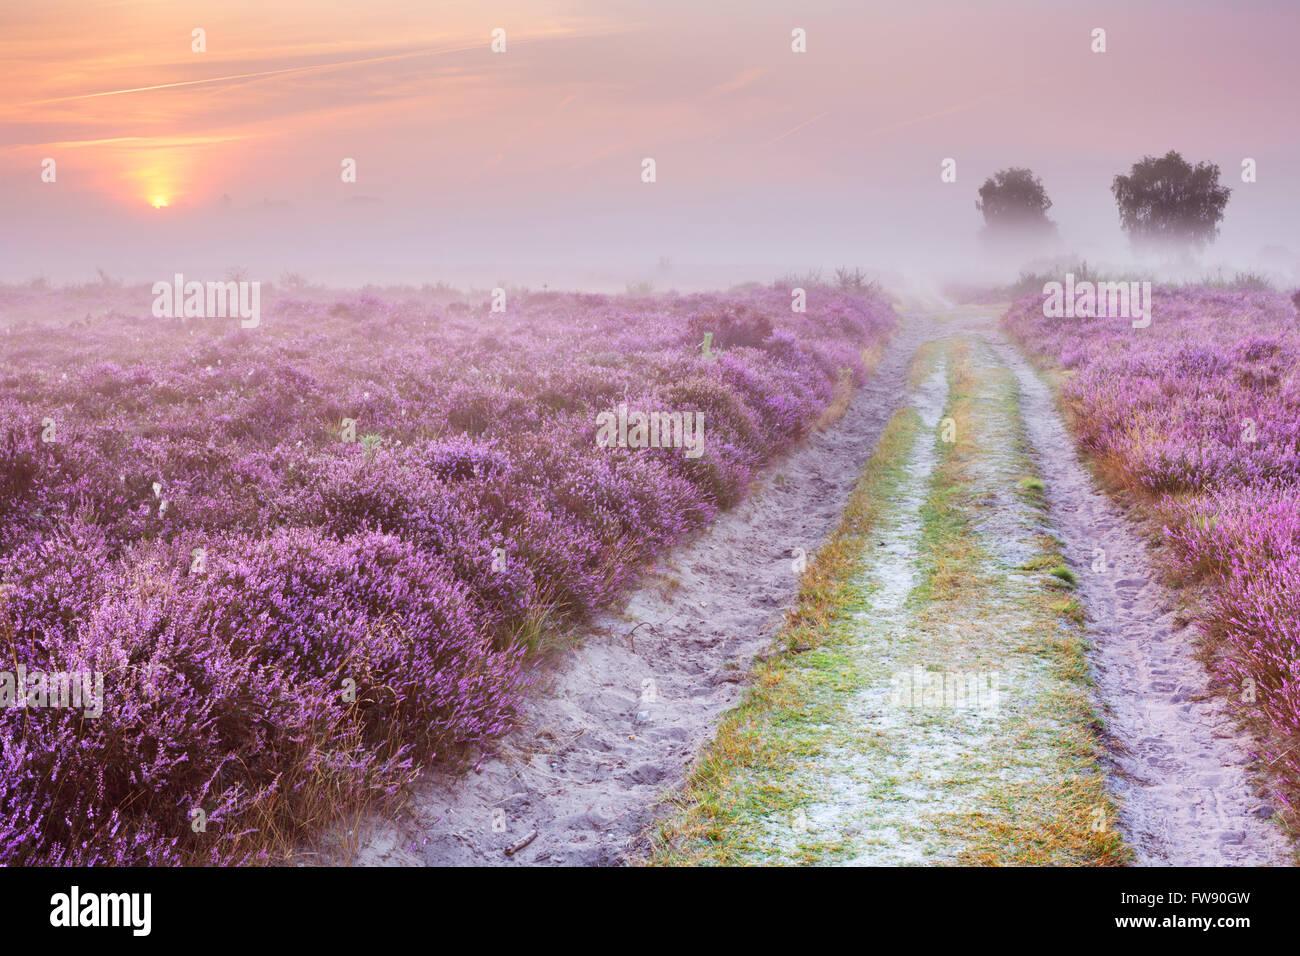 Chemin à travers blooming heather sur un matin brumeux au lever du soleil. Photographiée près de Photo Stock